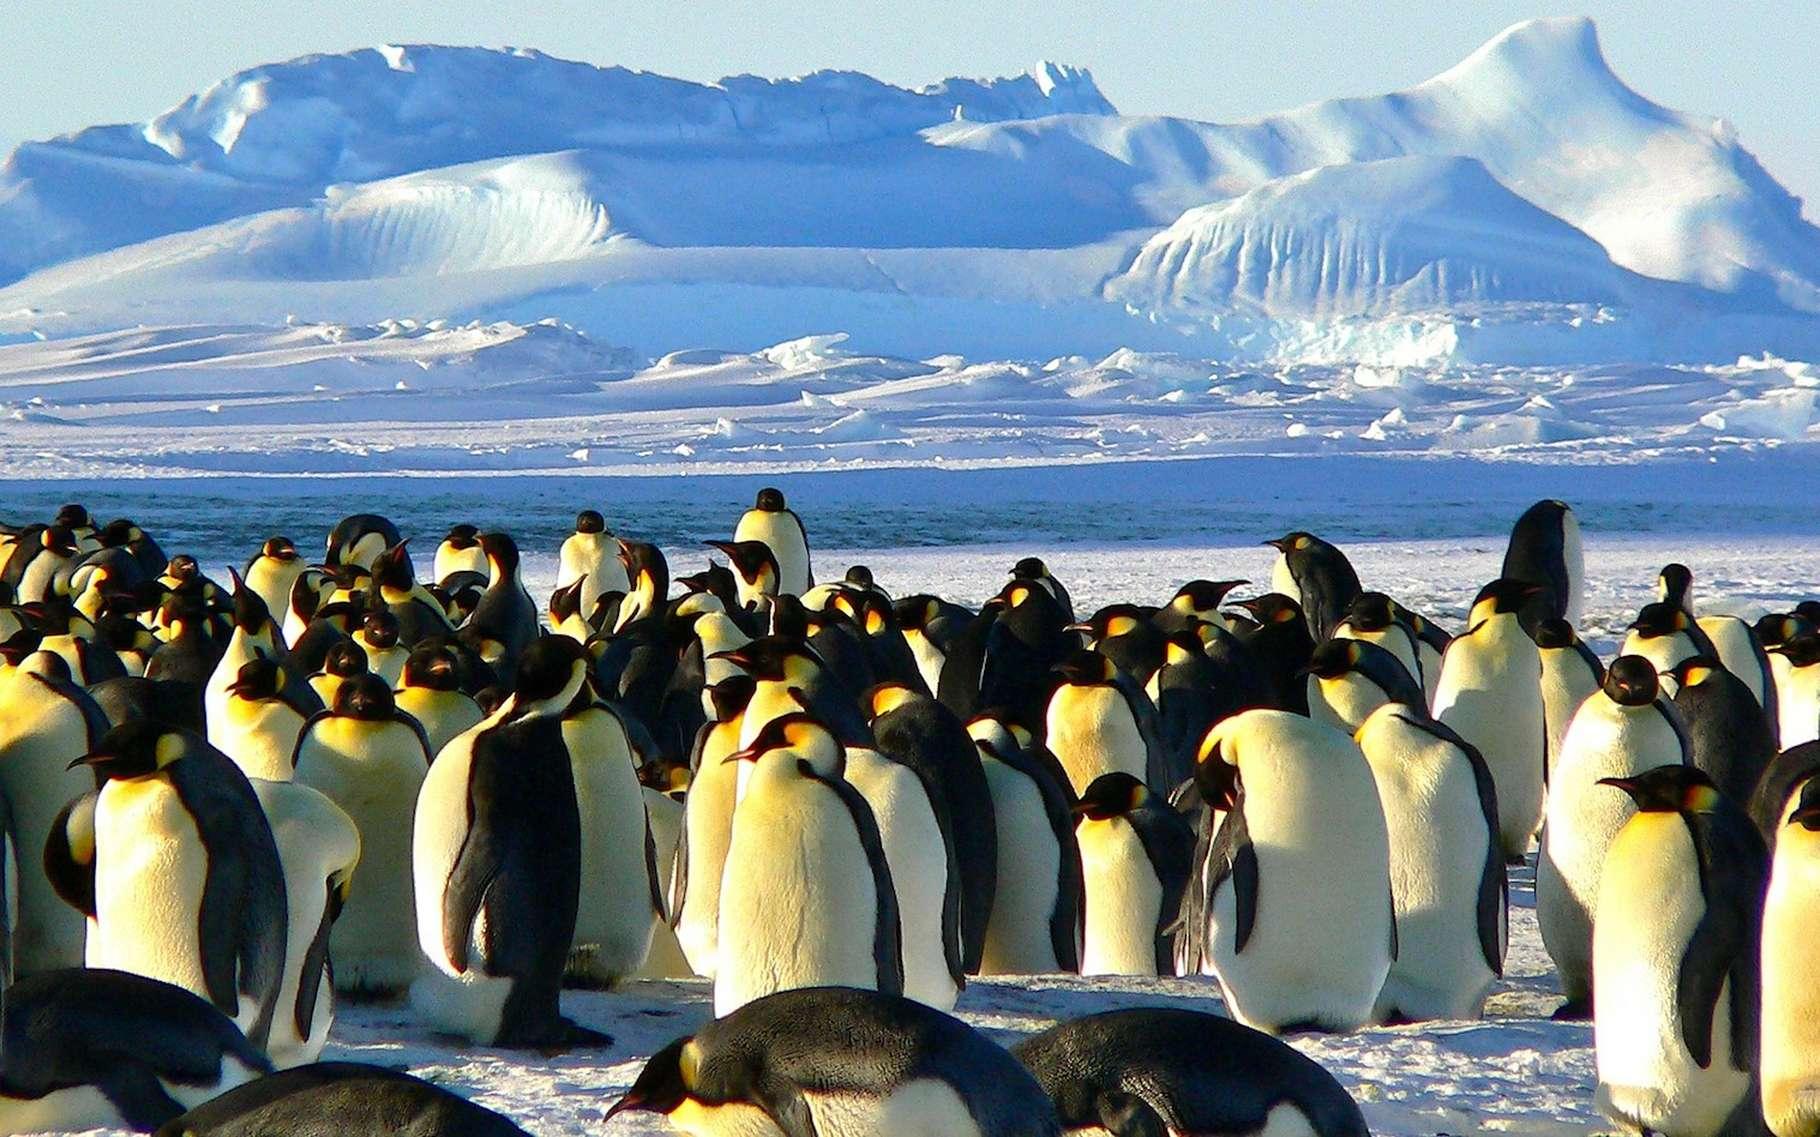 Les manchots — ici, le manchot empereur — vivent dans l'hémisphère sud. Les pingouins, quant à eux, sont installés dans l'hémisphère nord. © MemoryCatcher, Pixabay, DP